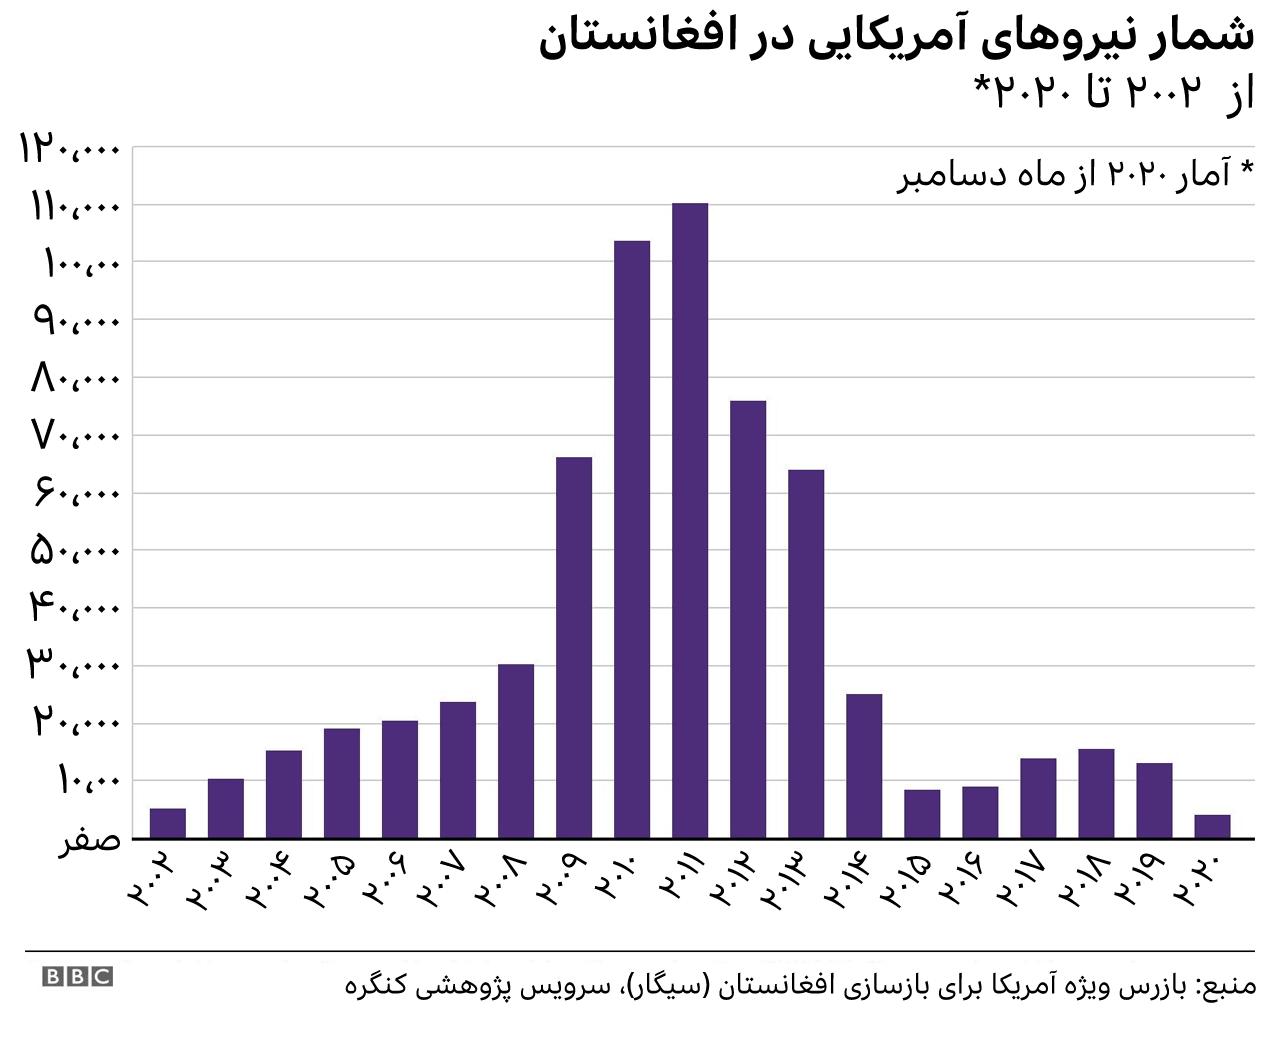 نیروهای خارجی در افغانستان